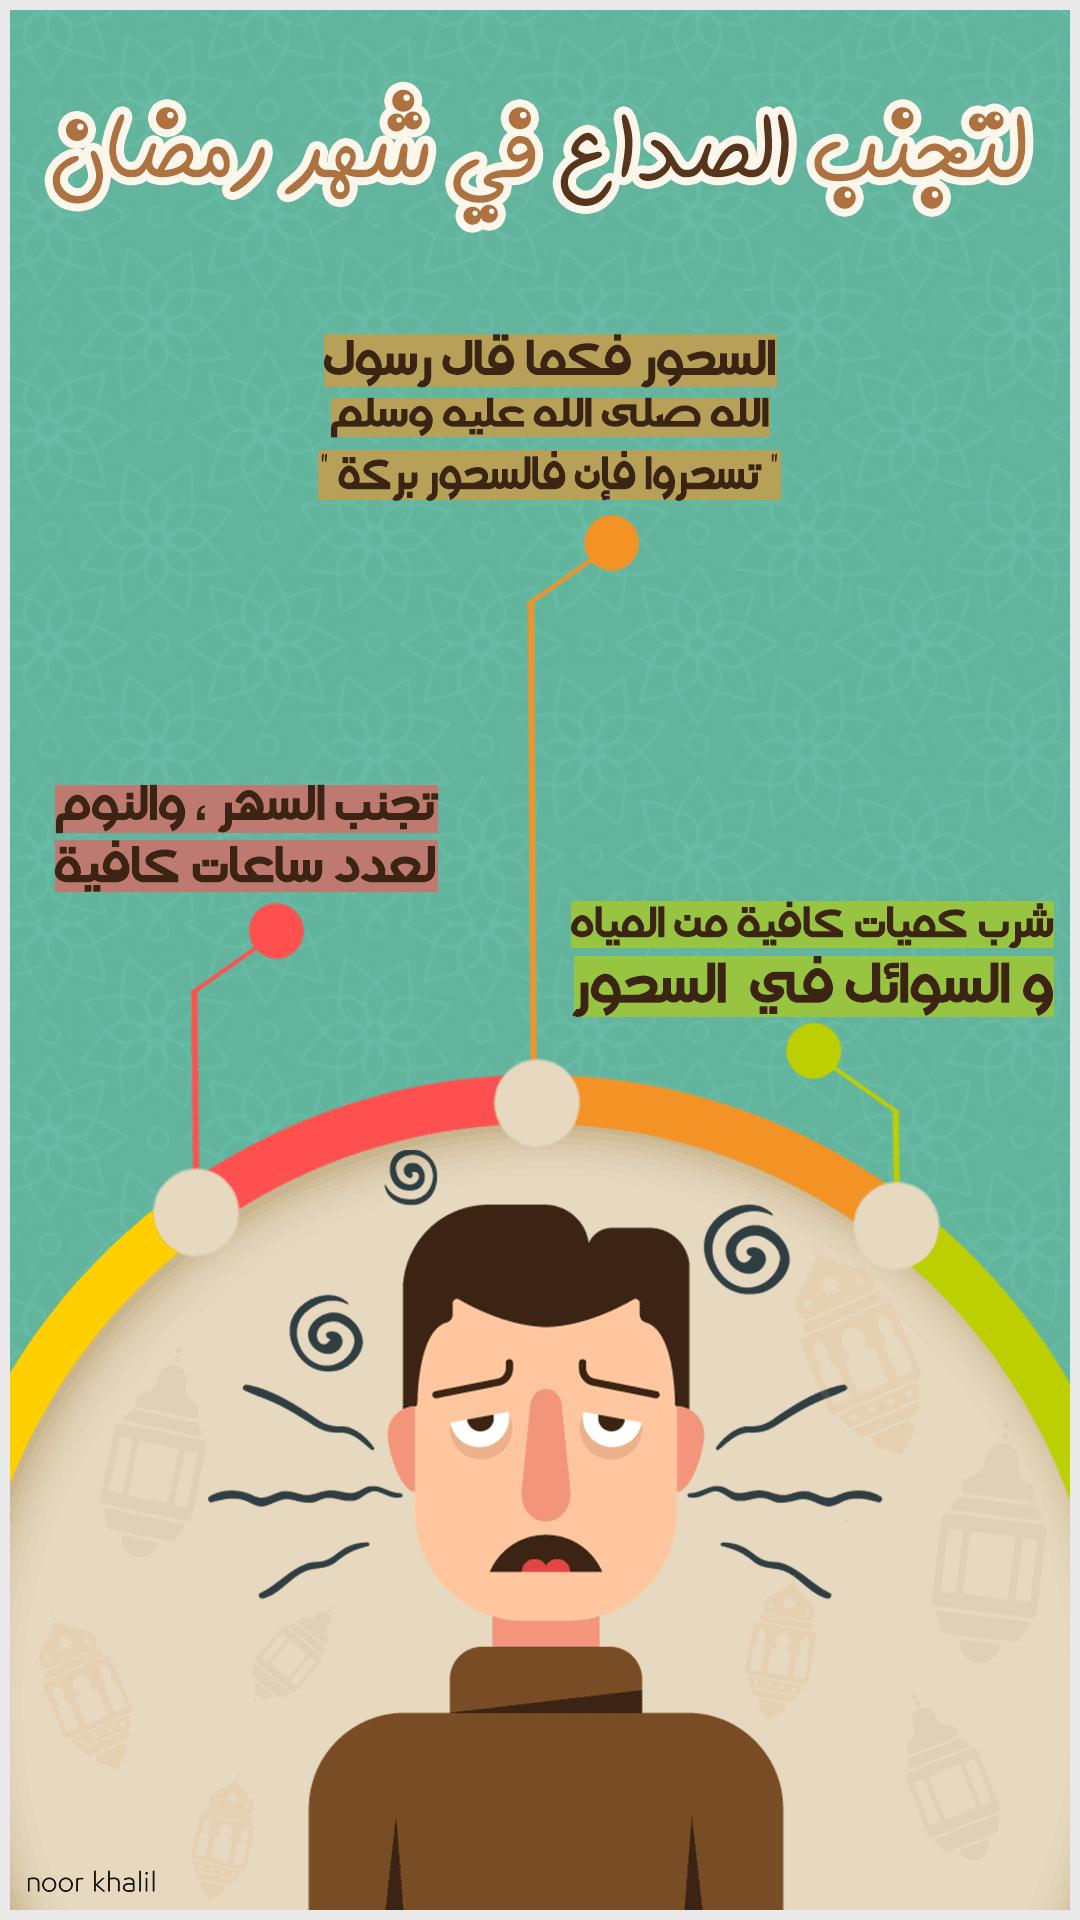 لتجنب الصداع في شهر رمضان Ramadan Crafts Ramadan Tips Ramadan